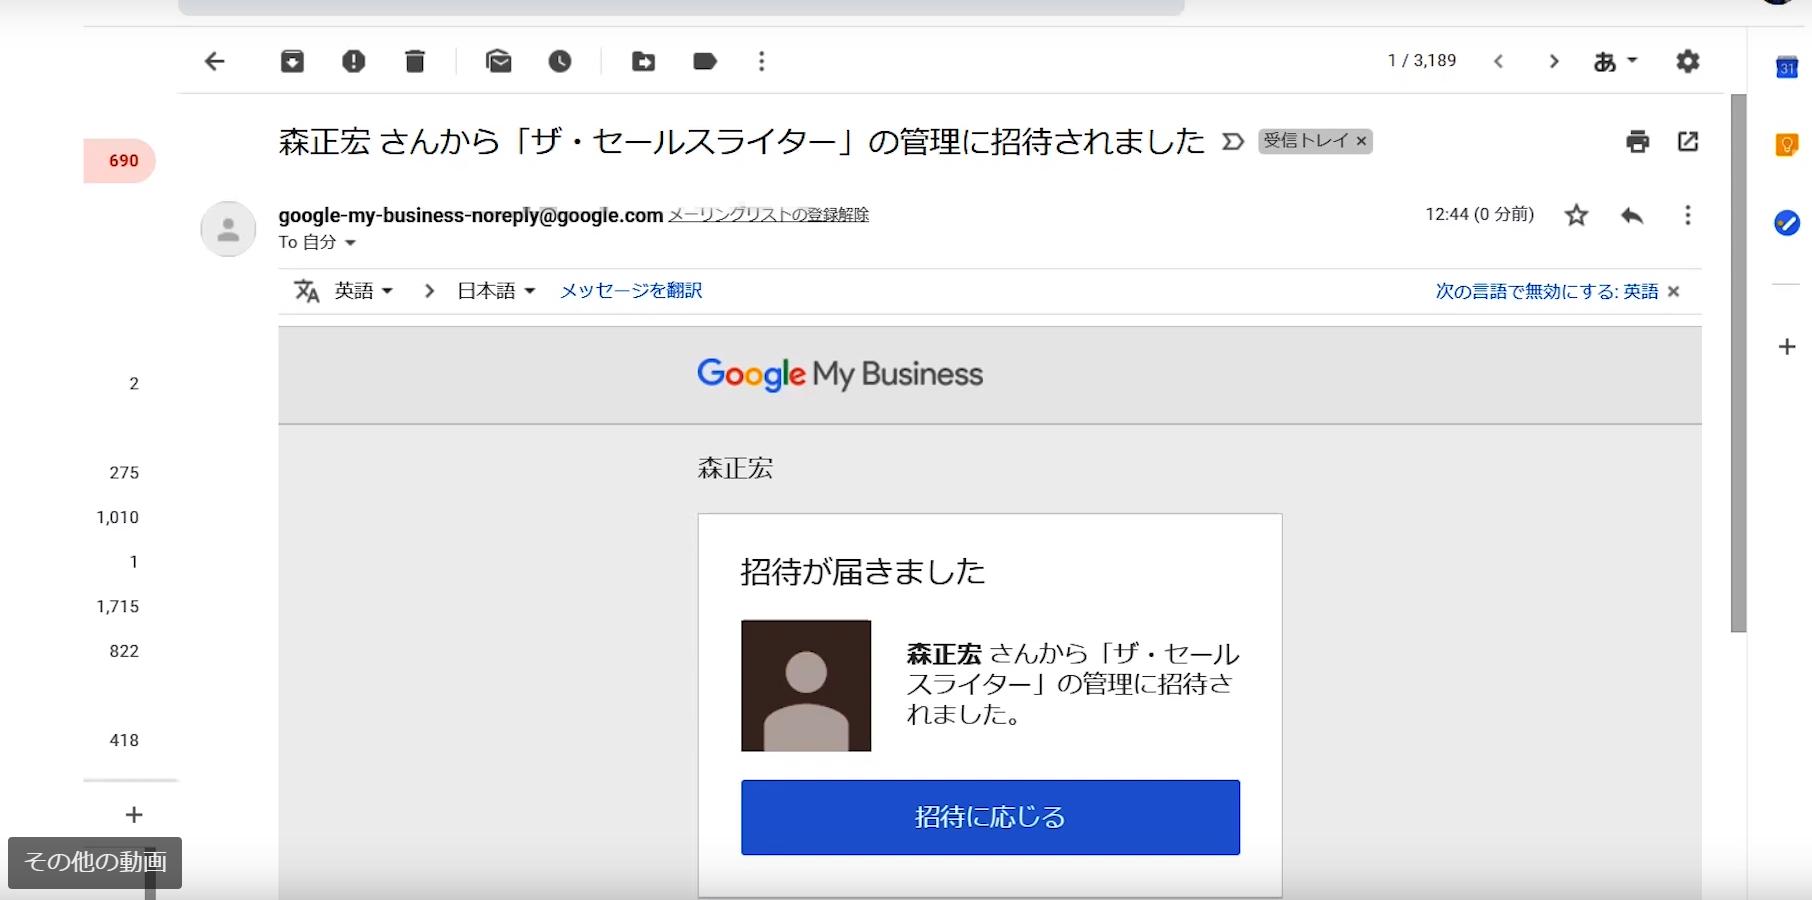 自分のYouTubeチャンネルに他の人を管理者として招待して追加する方法